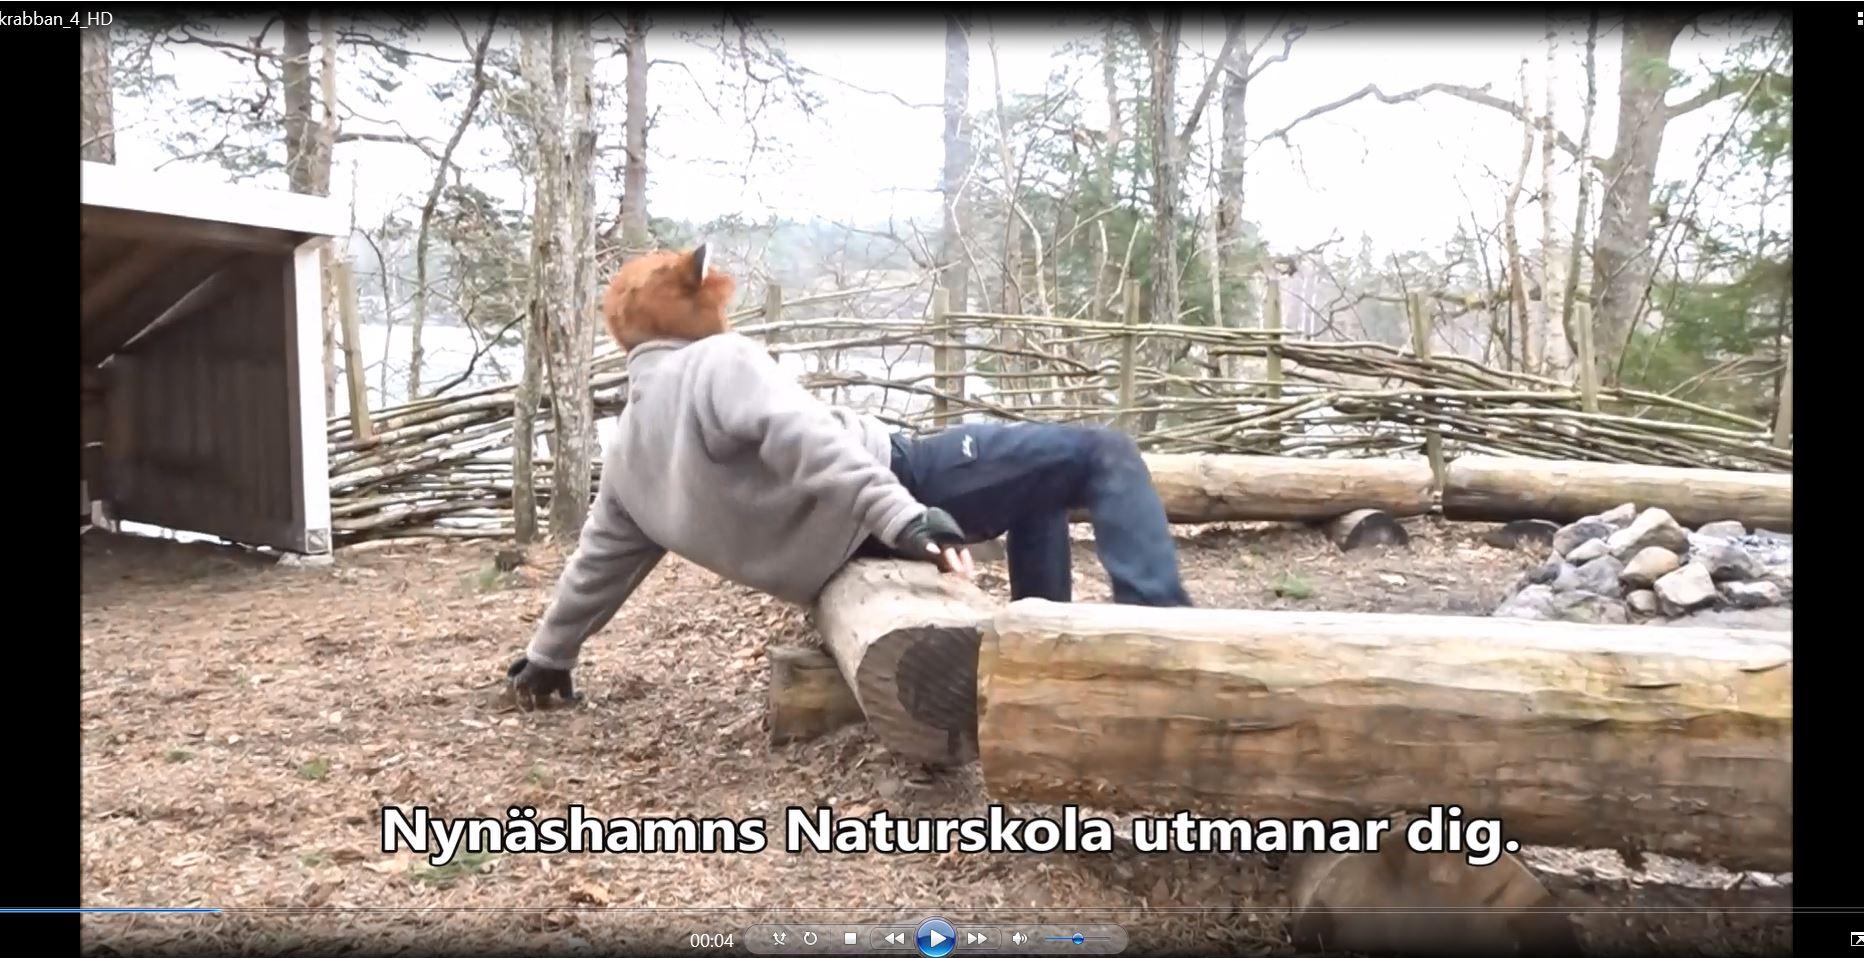 Räven Räv och Carl von Linné utmanar augusti 2020